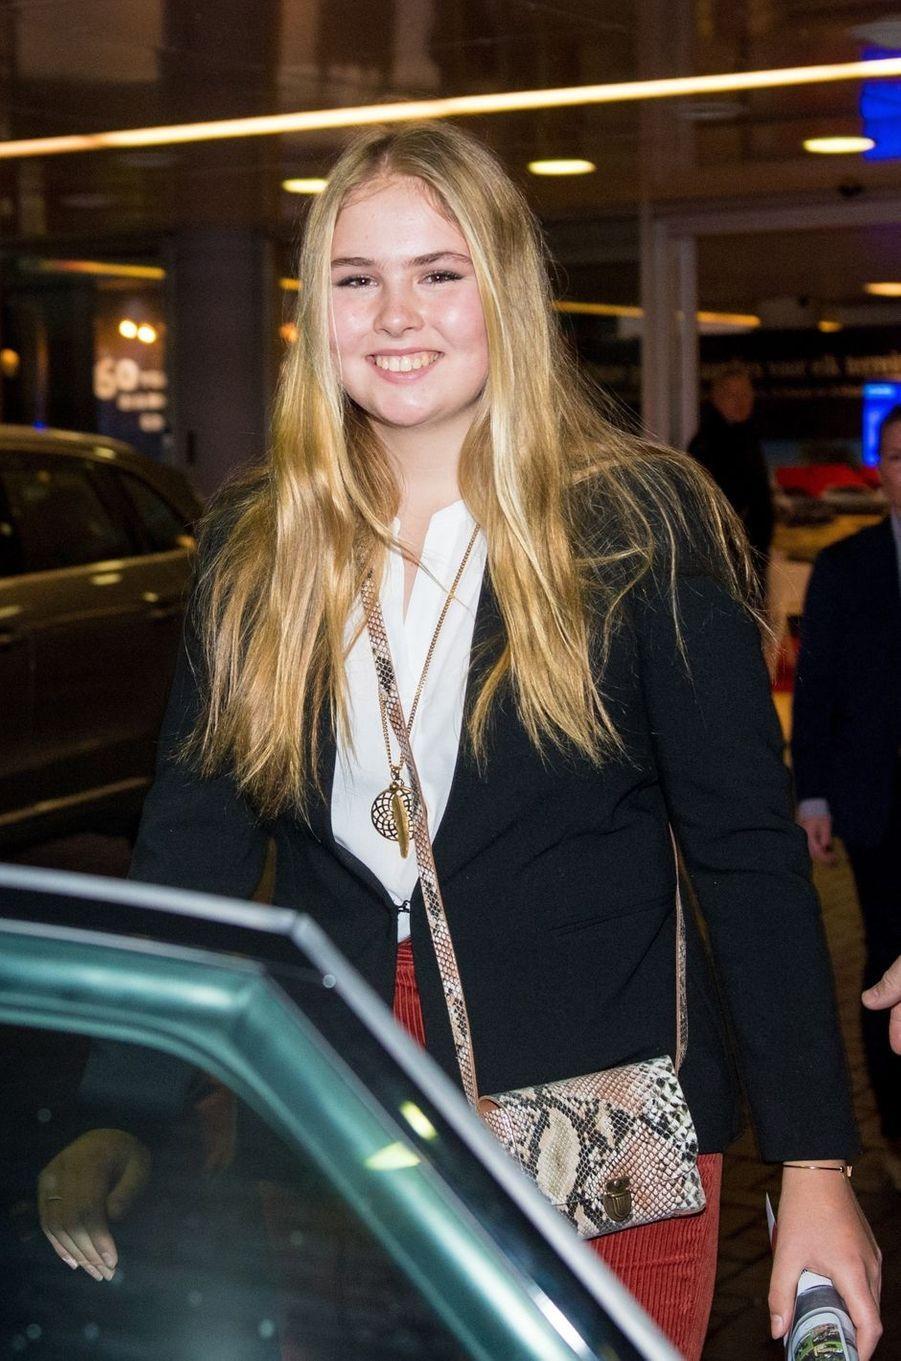 La princesse Catharina-Amalia des Pays-Bas à Amsterdam, le 27 janvier 2019